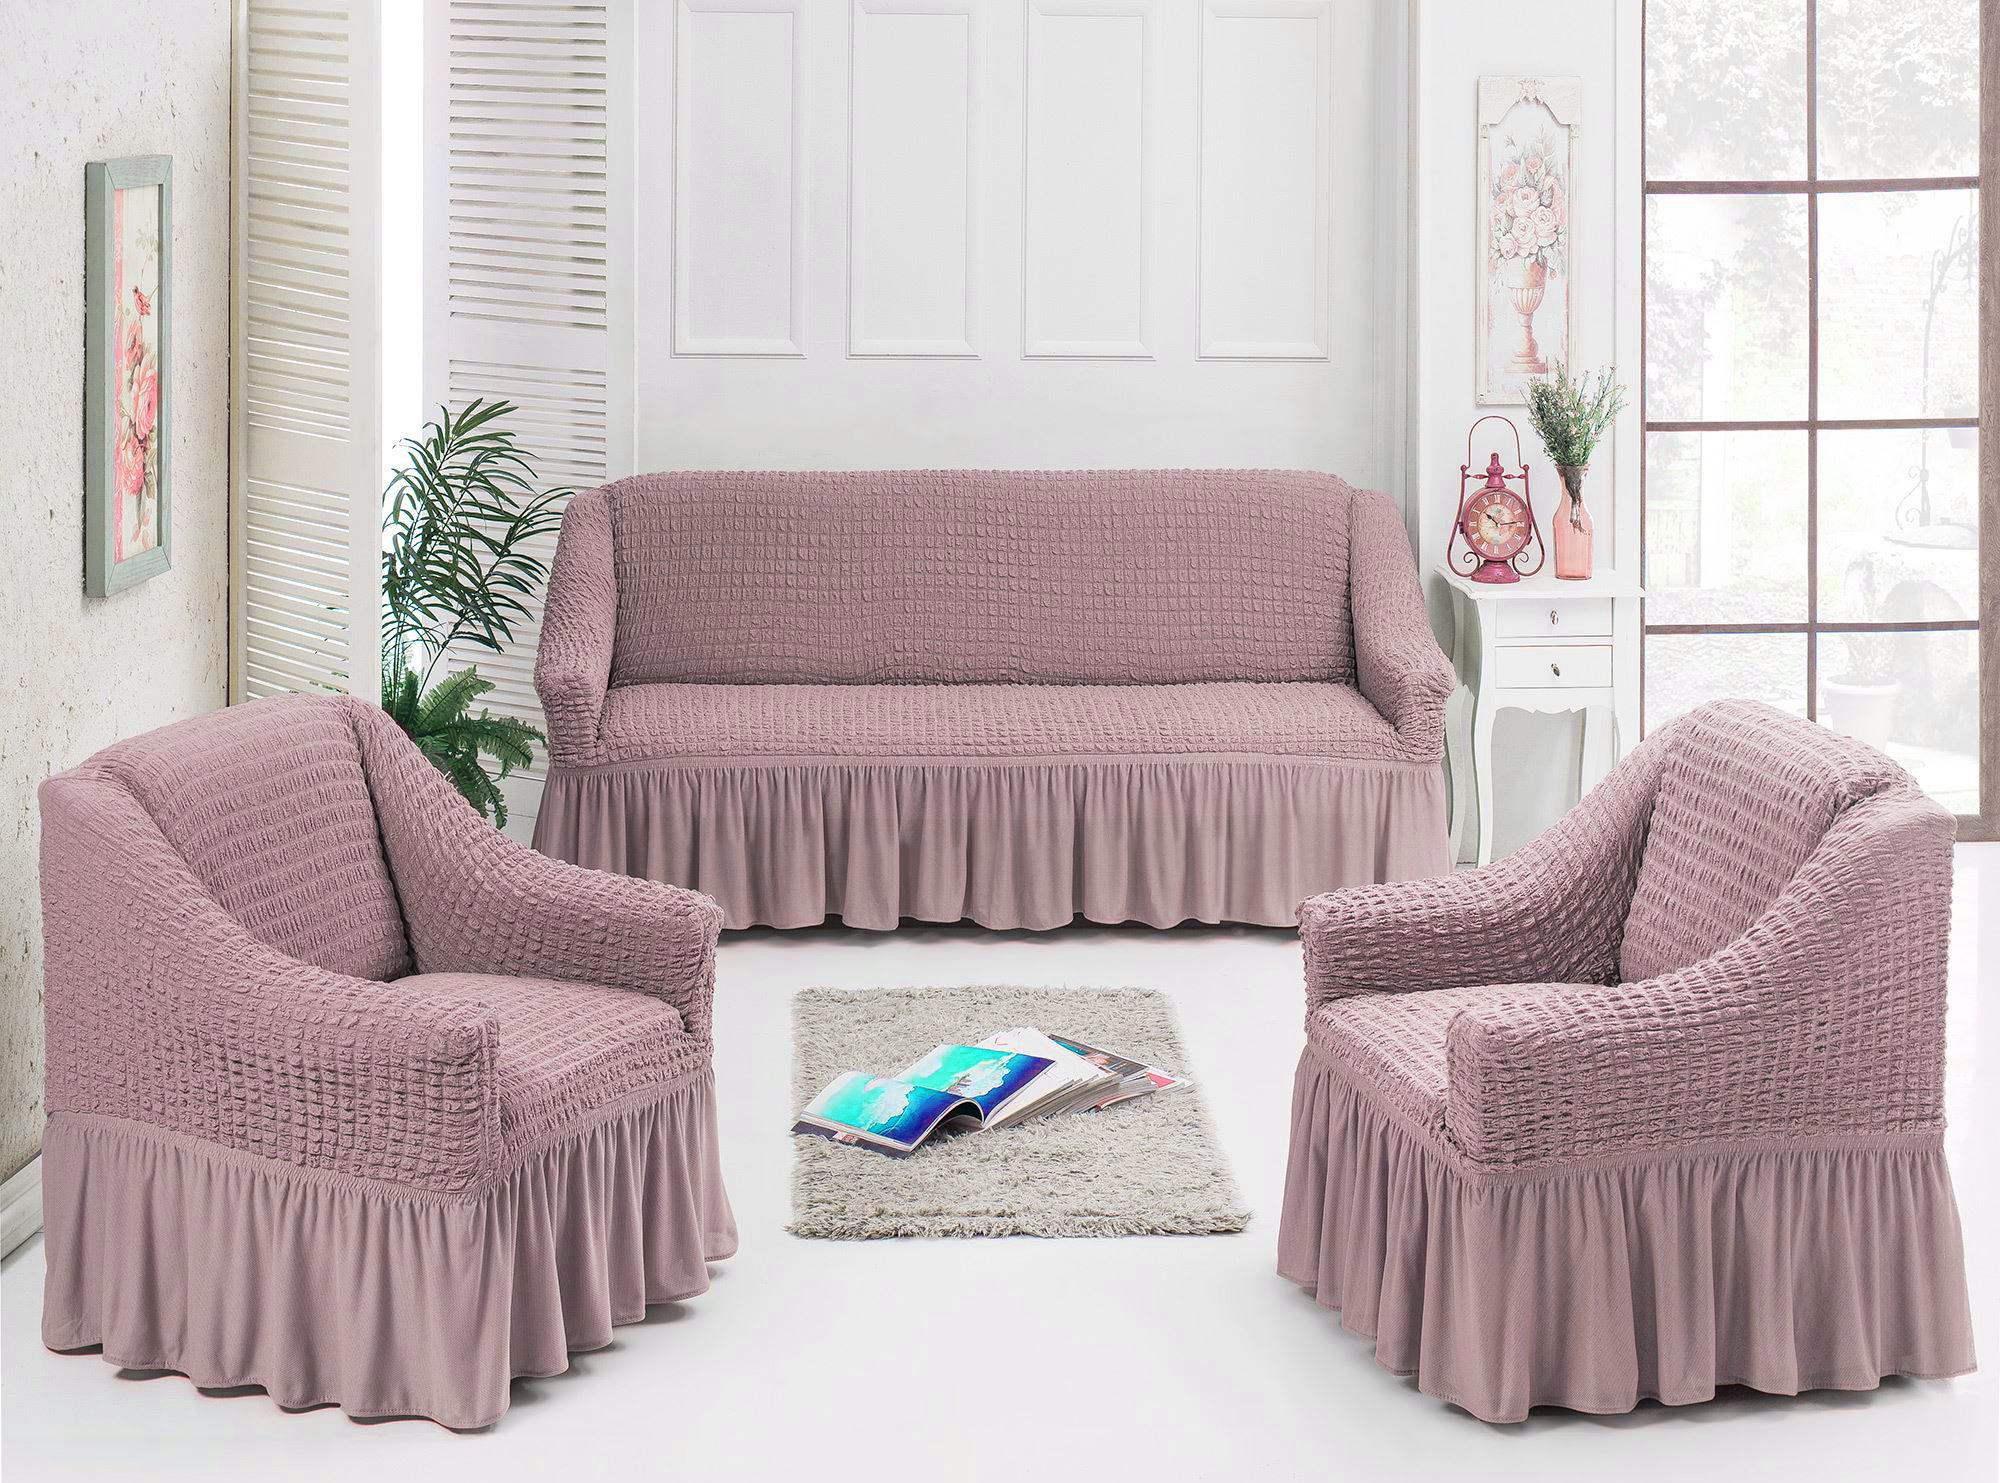 Купить со скидкой Чехлы для мебели и подушек Juanna